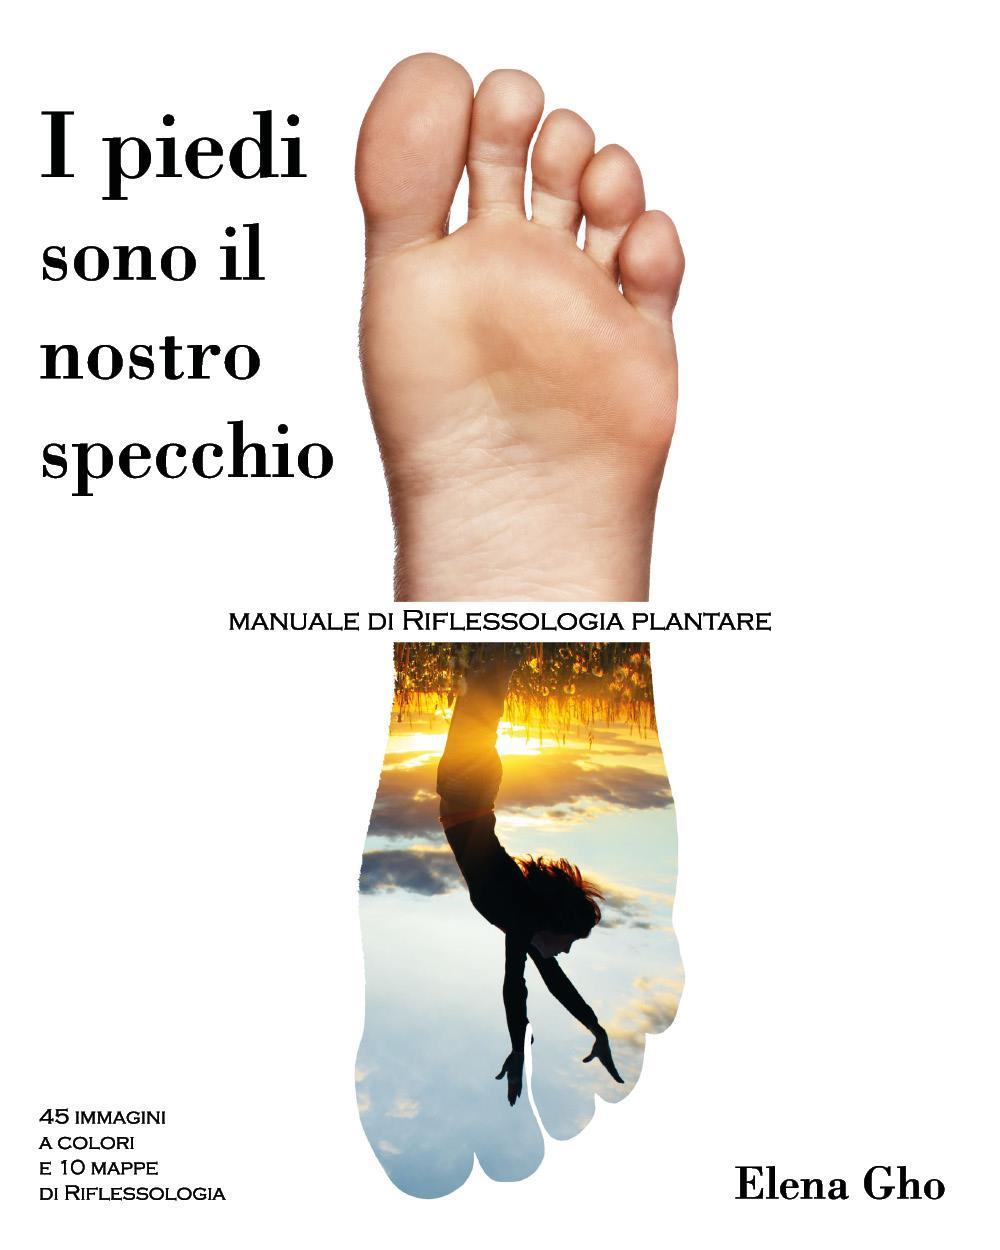 I piedi sono il nostro specchio